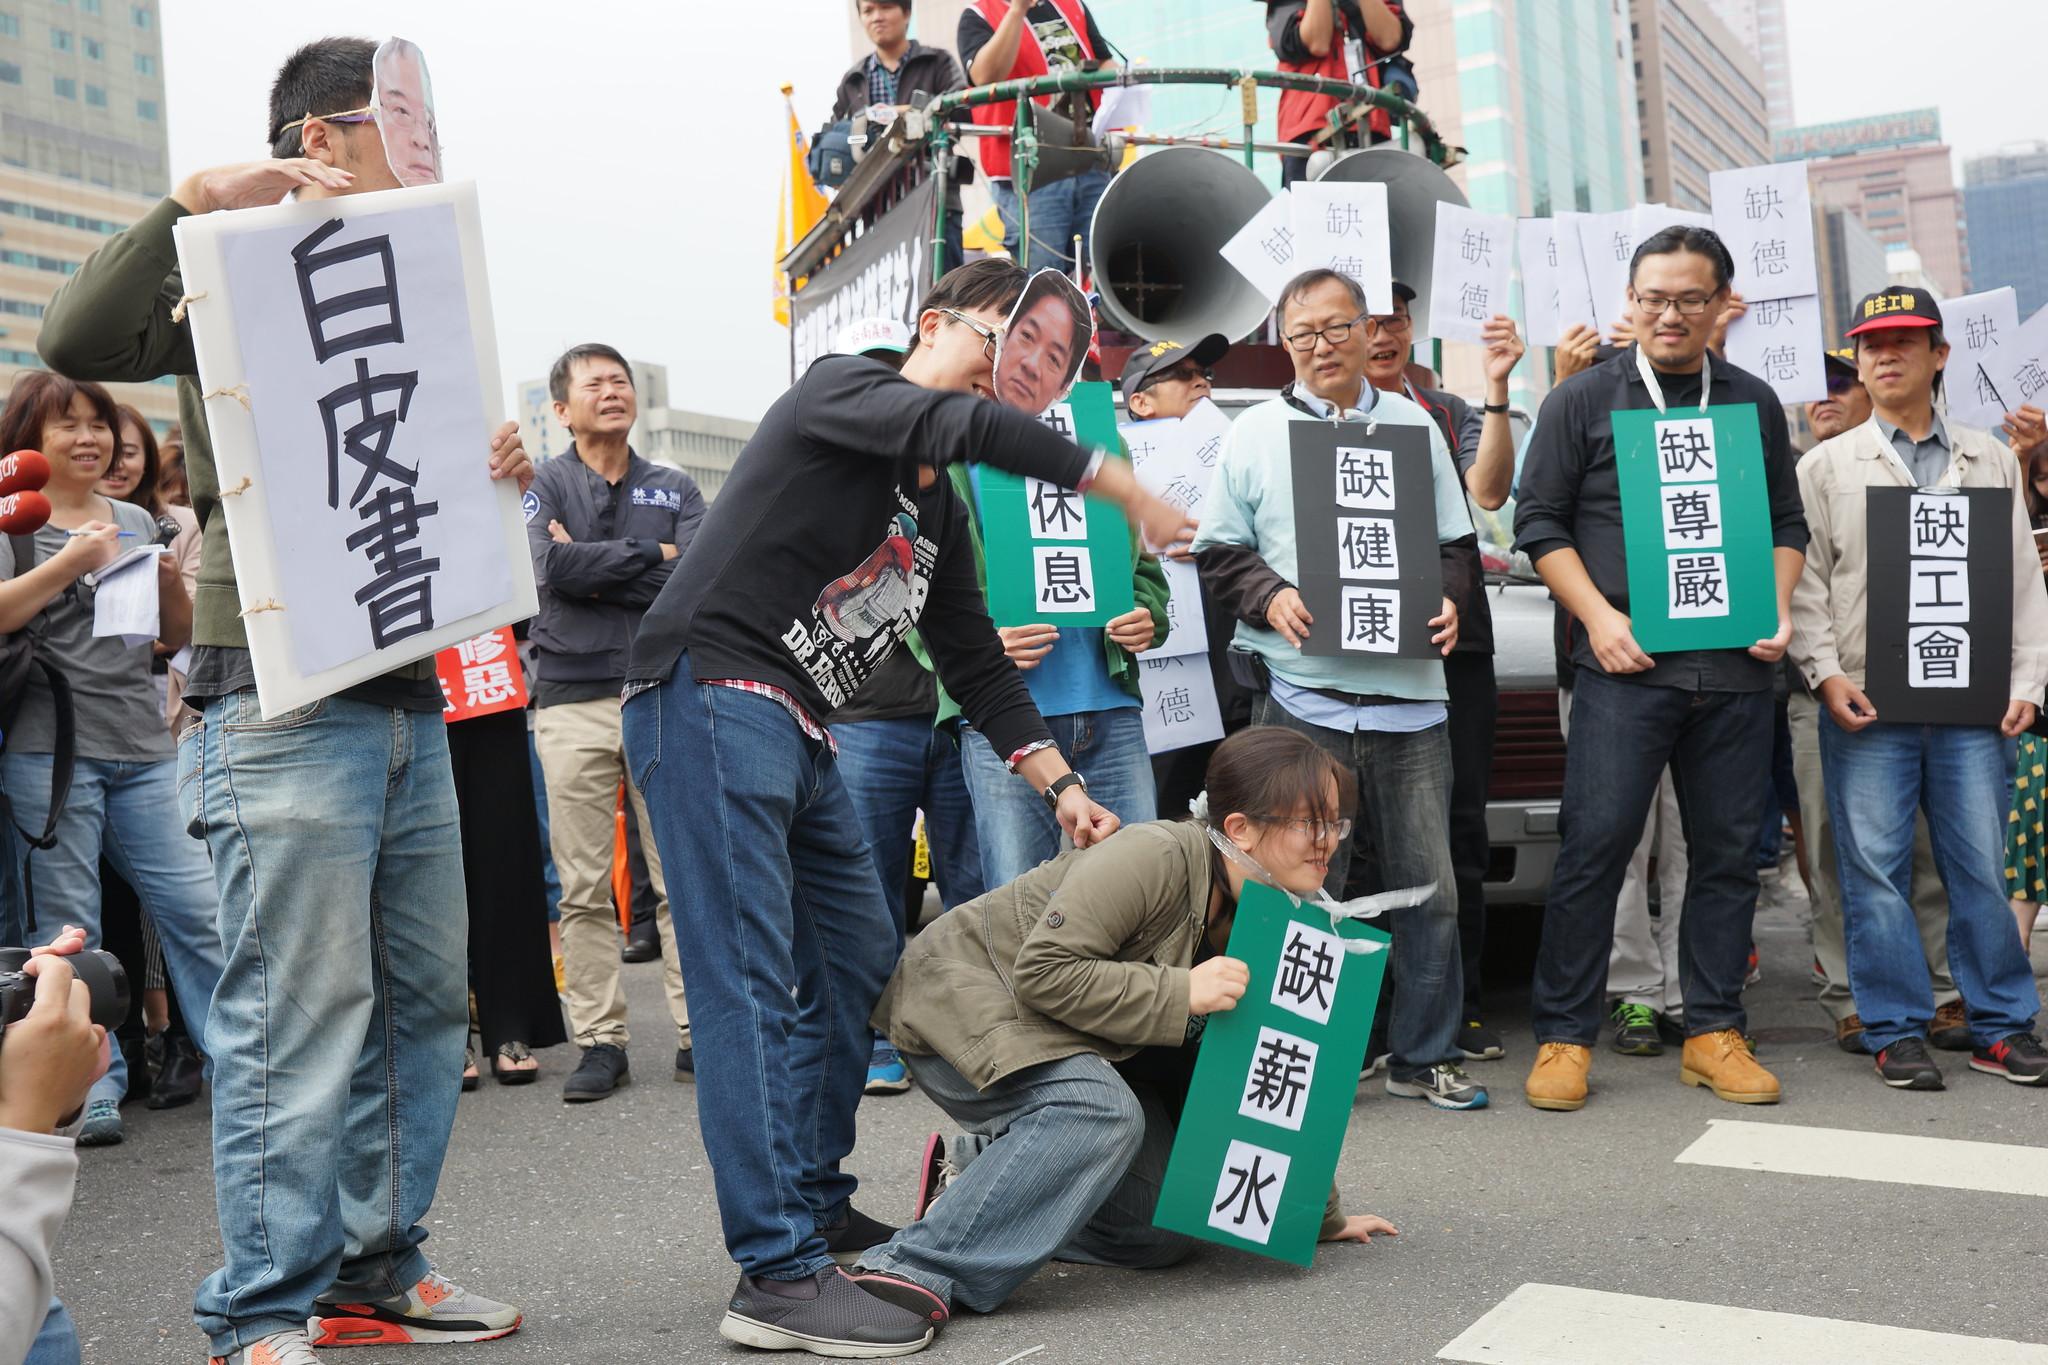 工商團體稱台灣有「五缺」,今日勞團上演行動劇,指勞工也有「五缺」,是缺薪水、缺休息、缺健康、缺尊嚴、缺工會,卻被賴清德打倒在地。(攝影:王顥中)